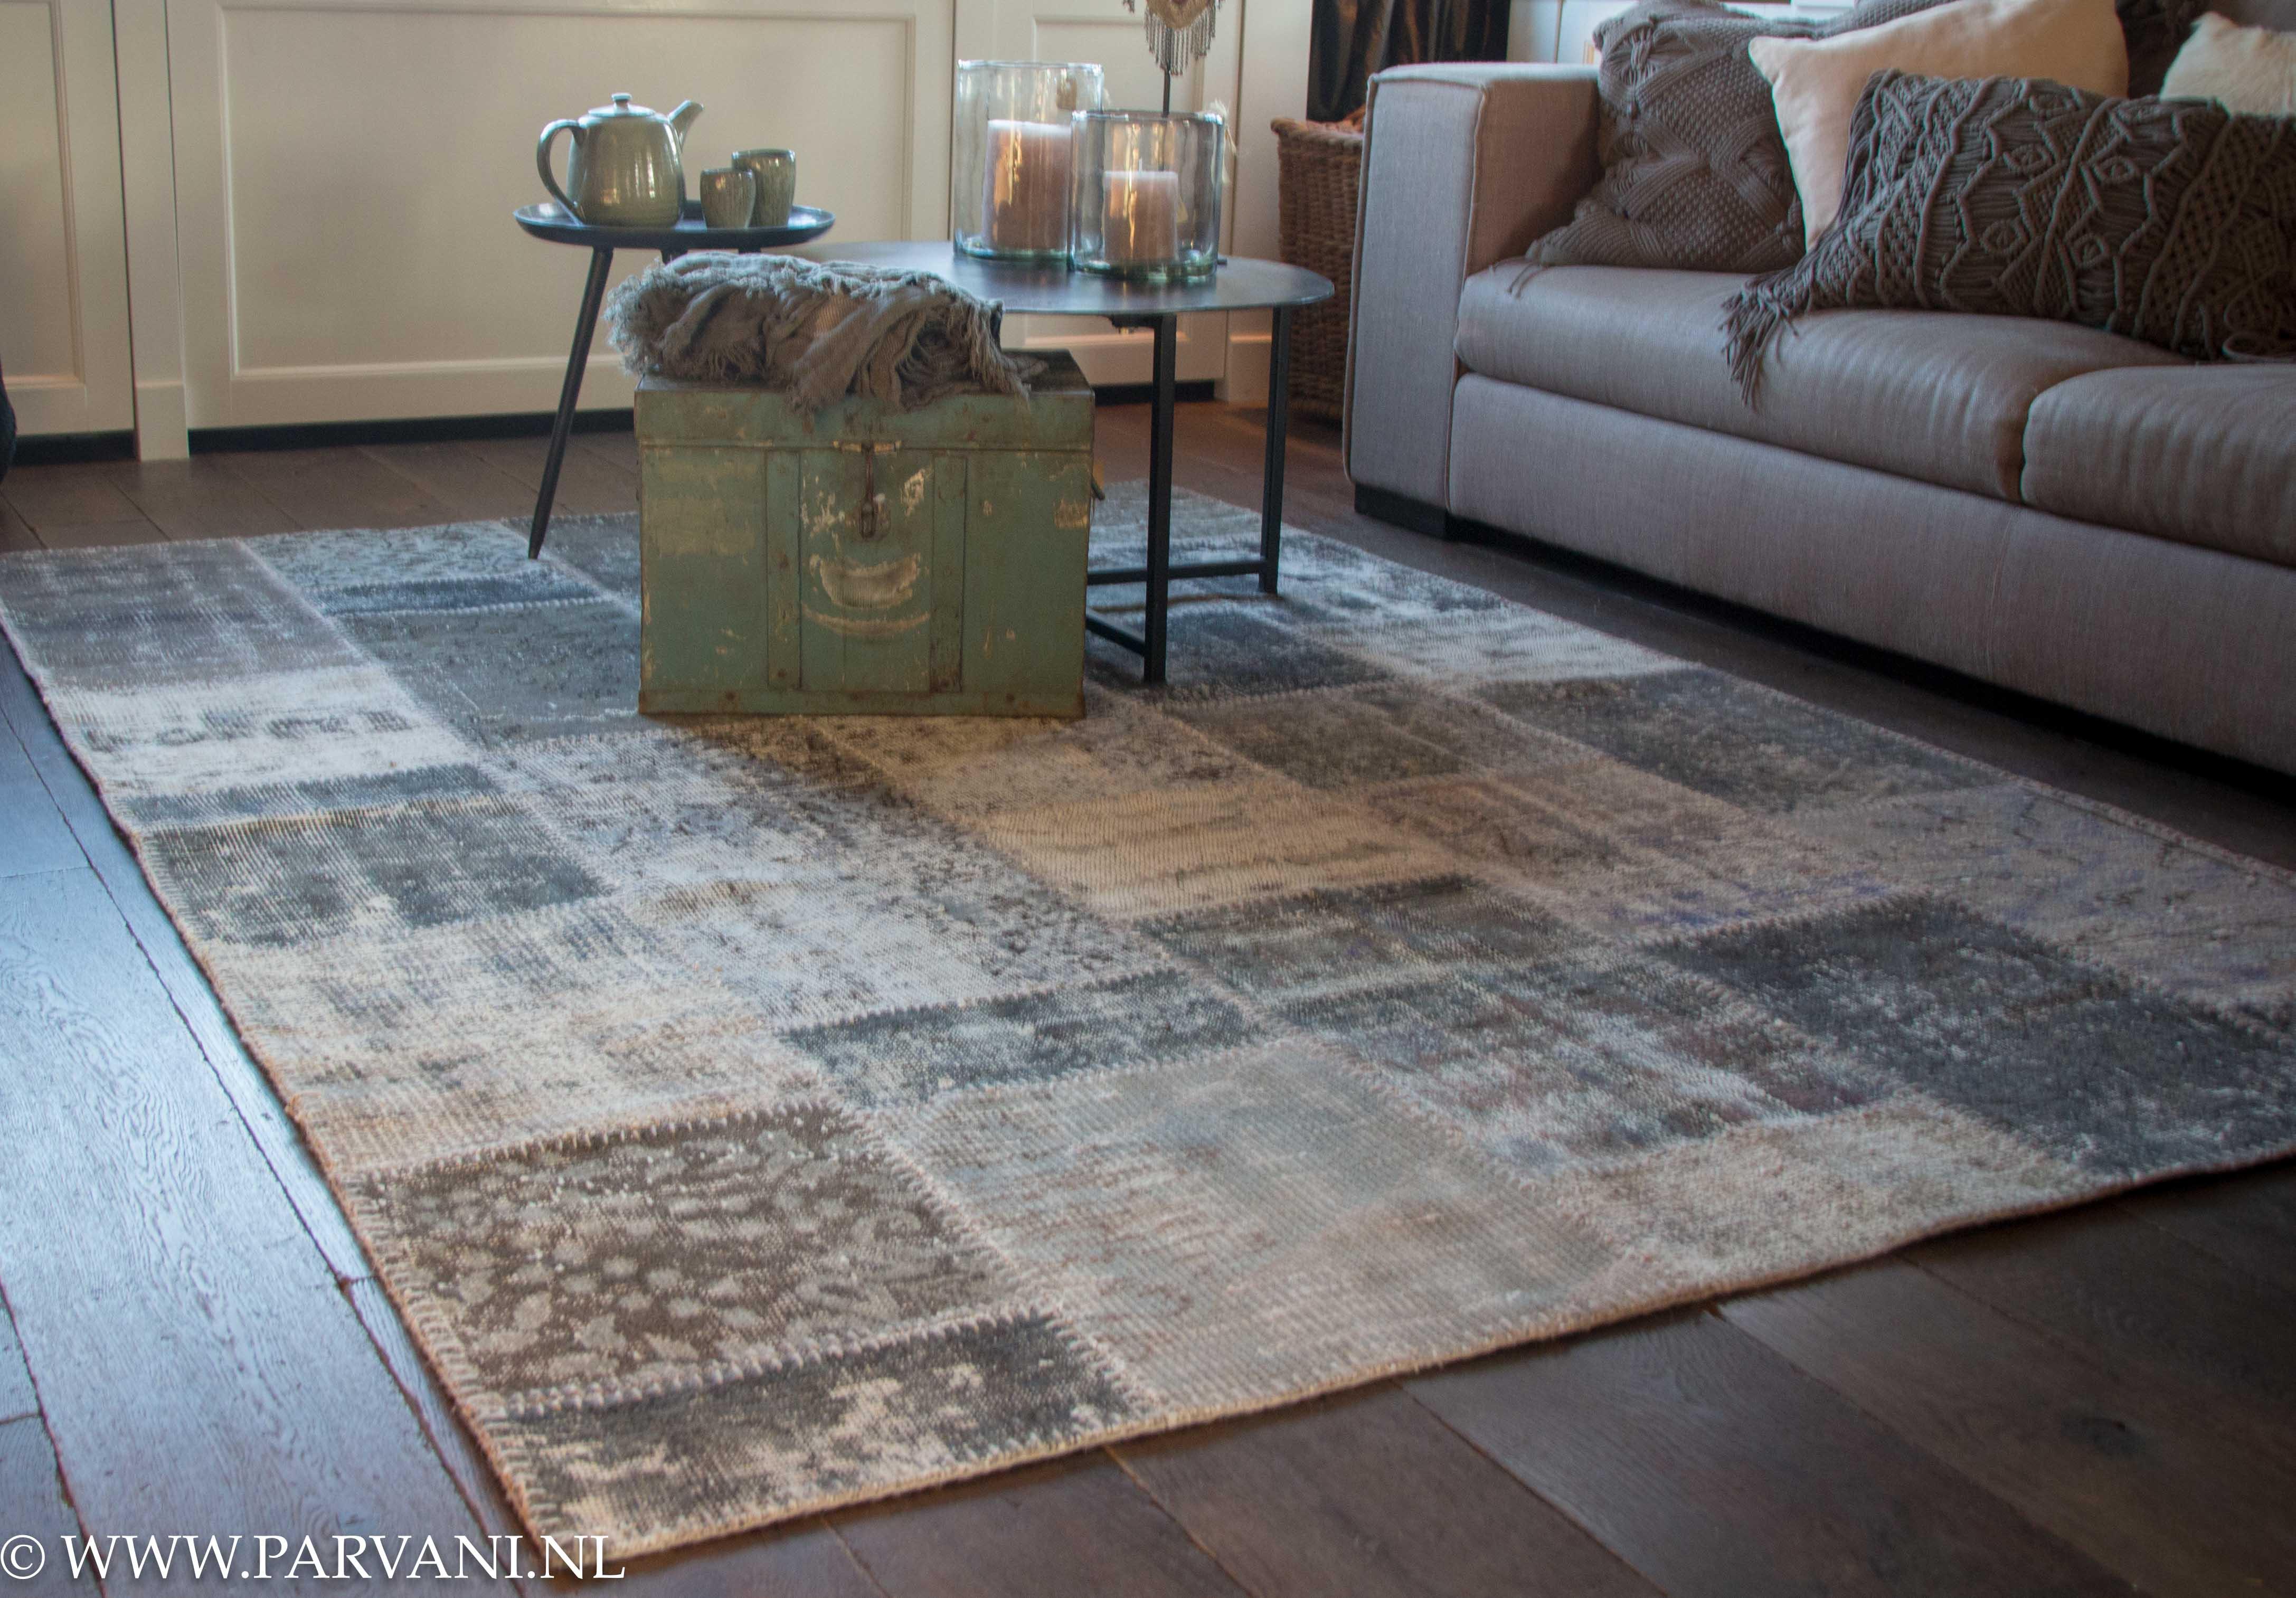 85c4394b497 Vintage patchwork tapijt in grijs/groene kleuren.